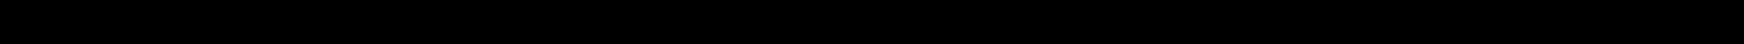 DINOffcPro-Medi.ttf